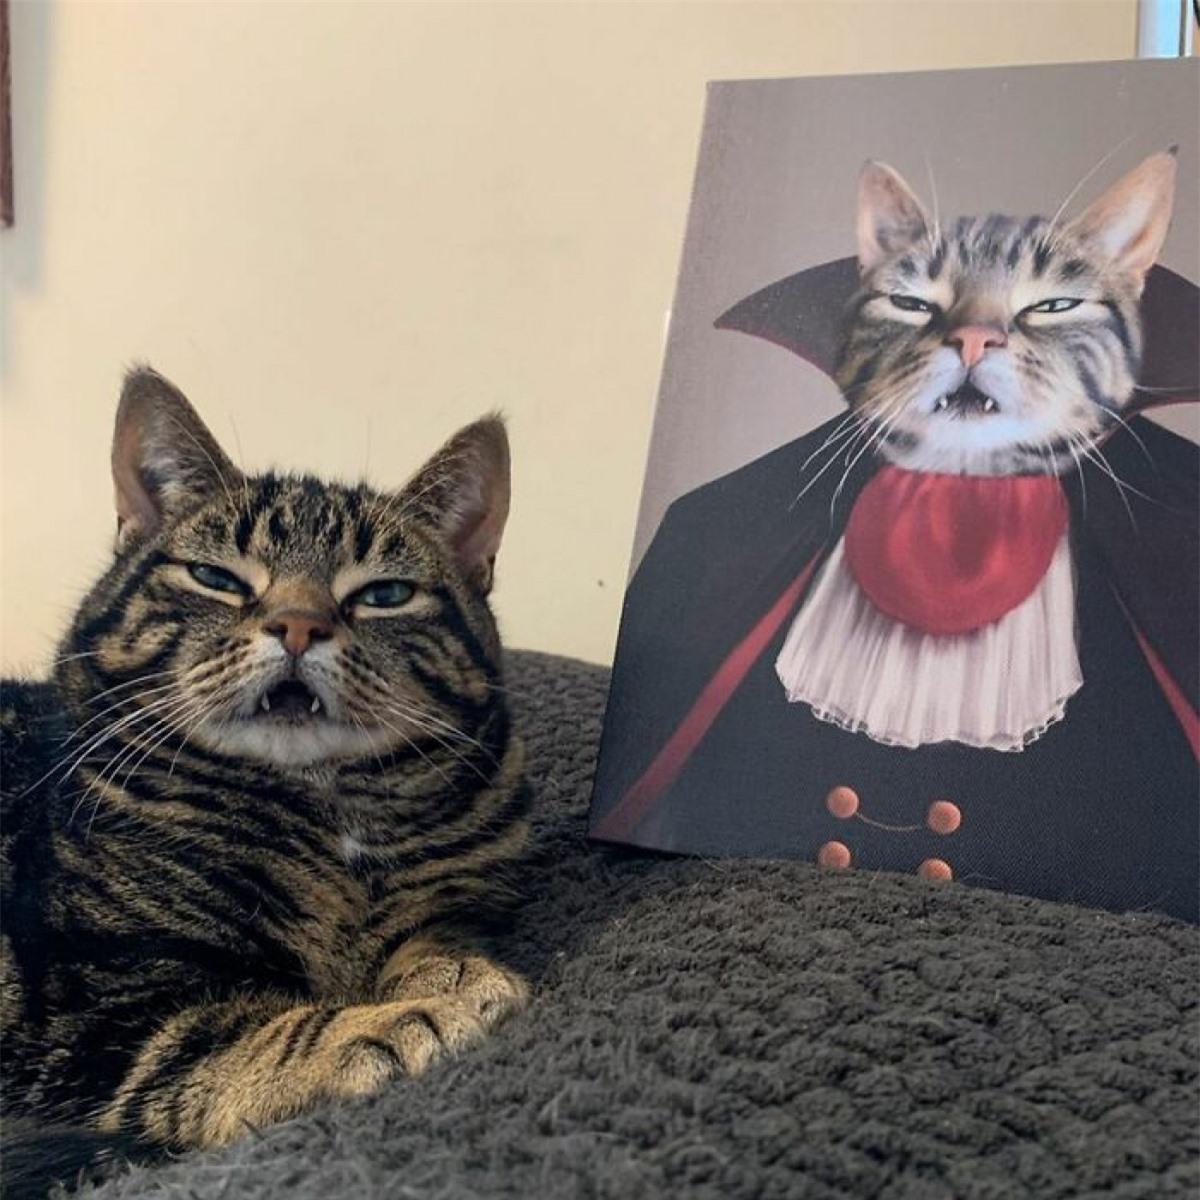 Chú mèo có biểu cảm giống hệt bức tranh.